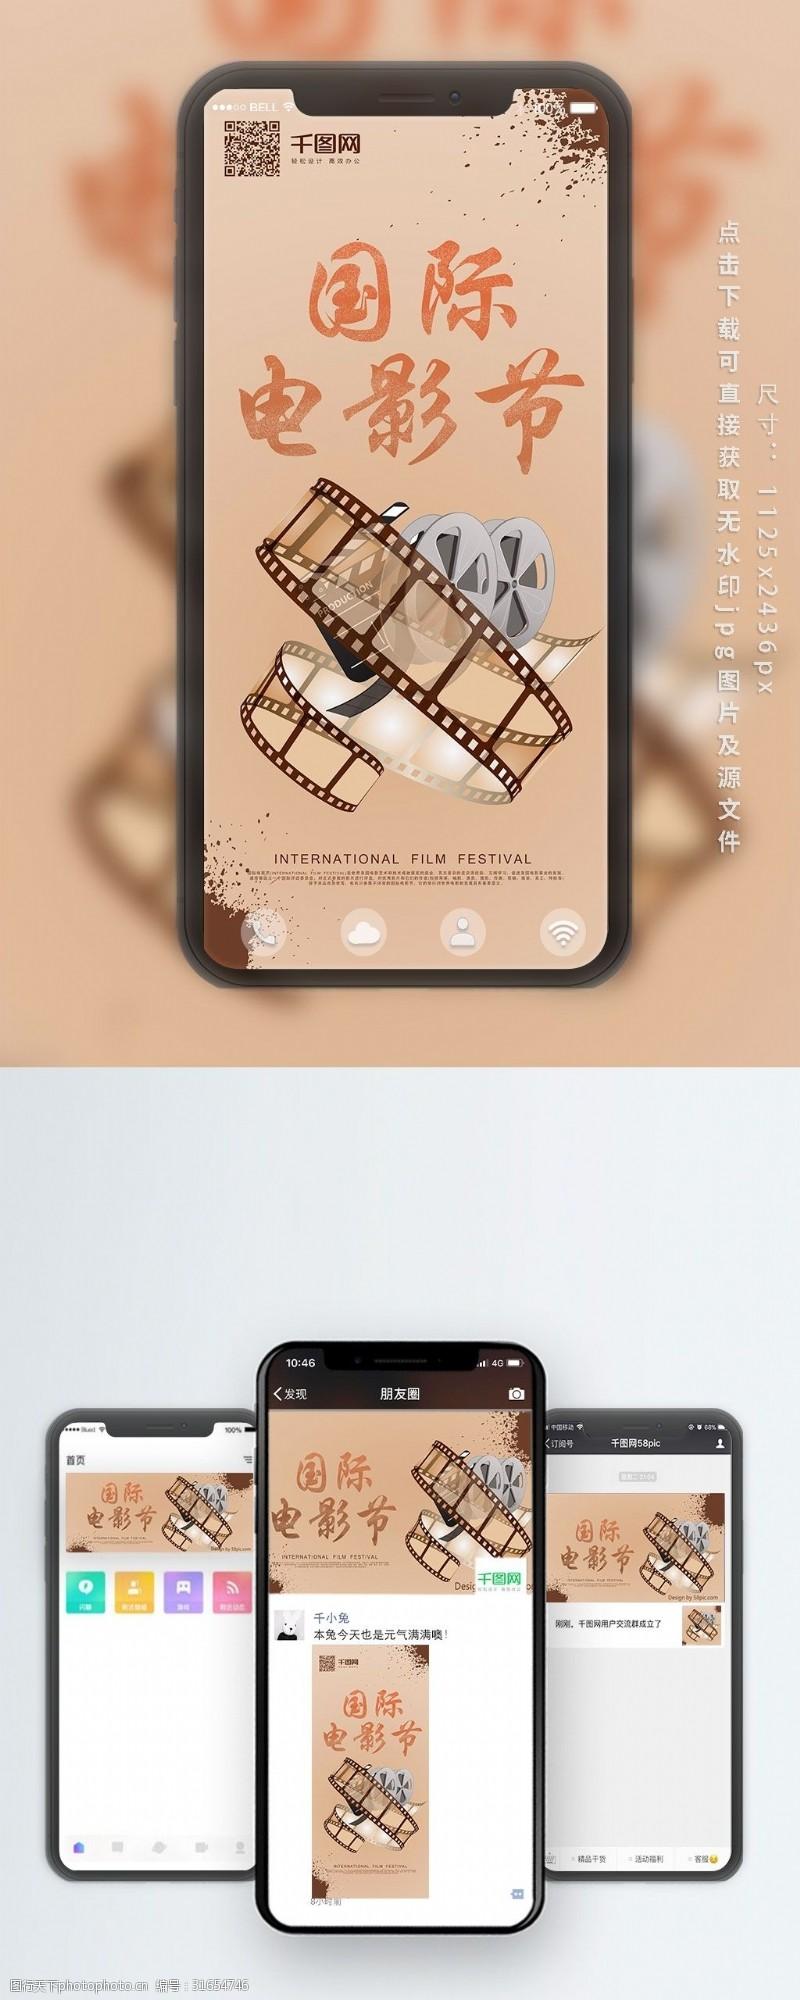 上海电影节复古国际电影节手机海报设计